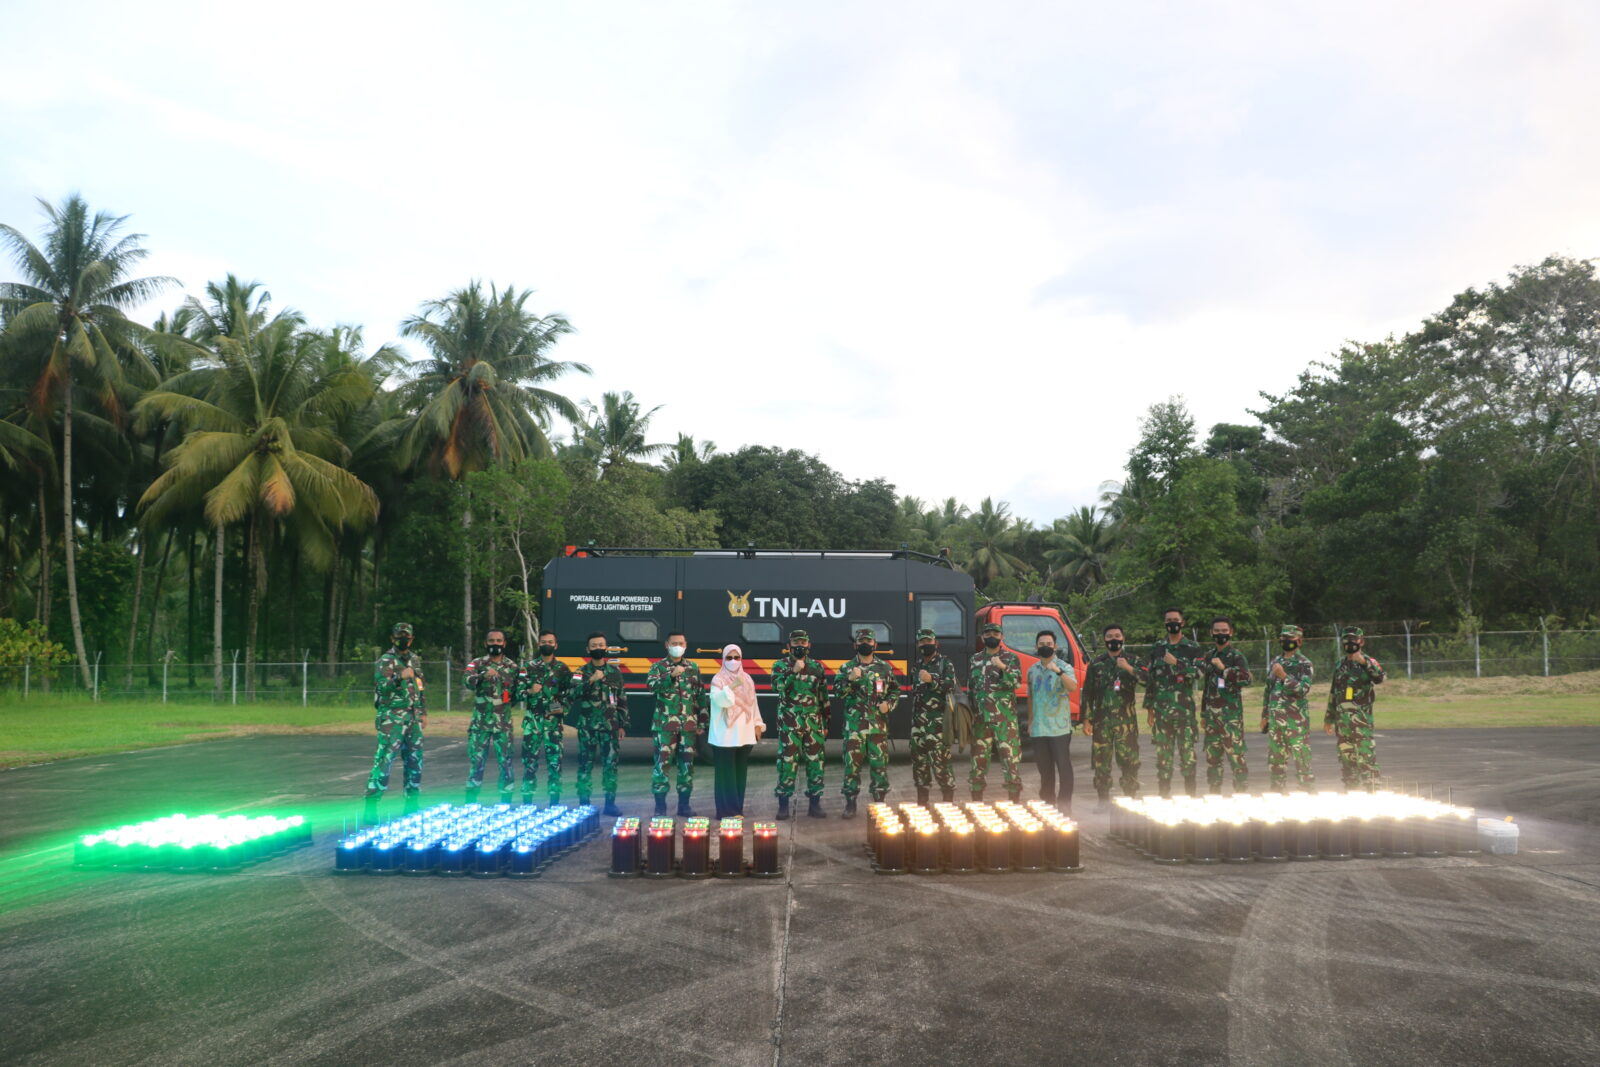 Mengenal Alutsista Baru Milik Lanud Pattimura, Portable Solar Powered Led Airfield Lighting System.